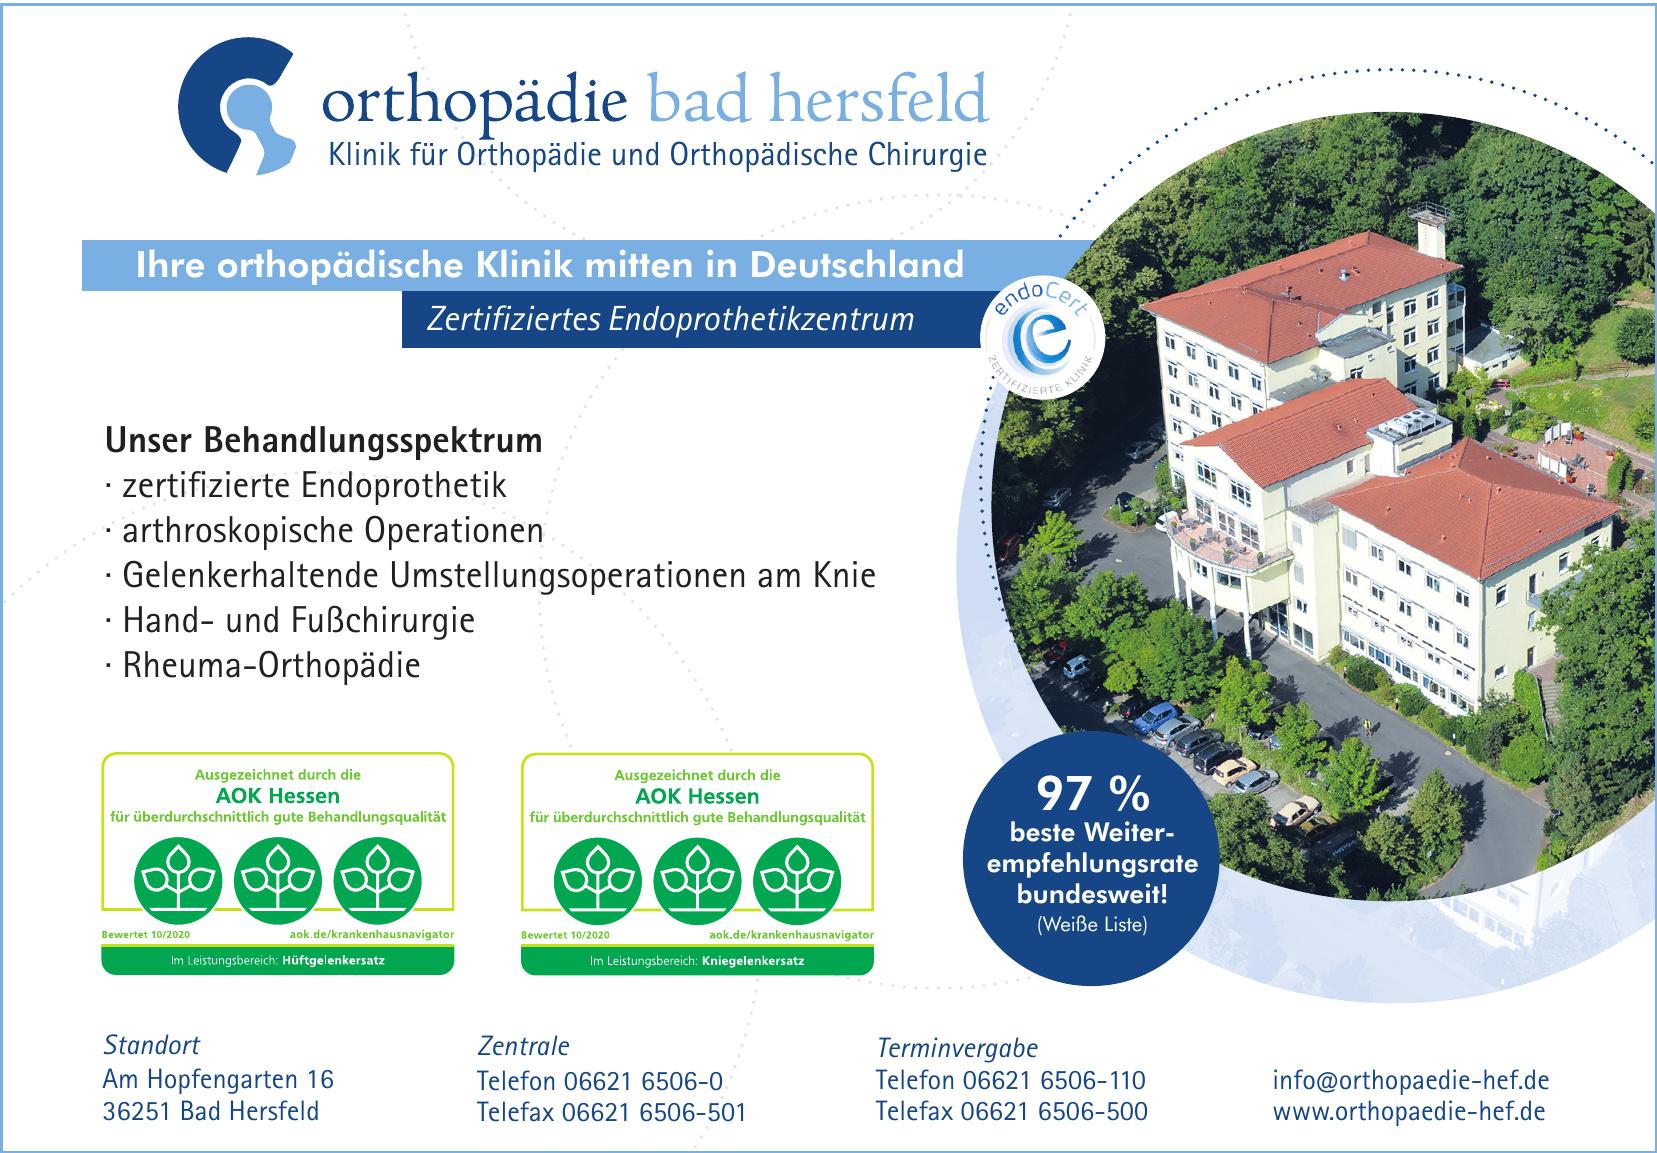 Orthopädie Bad Hersfeld